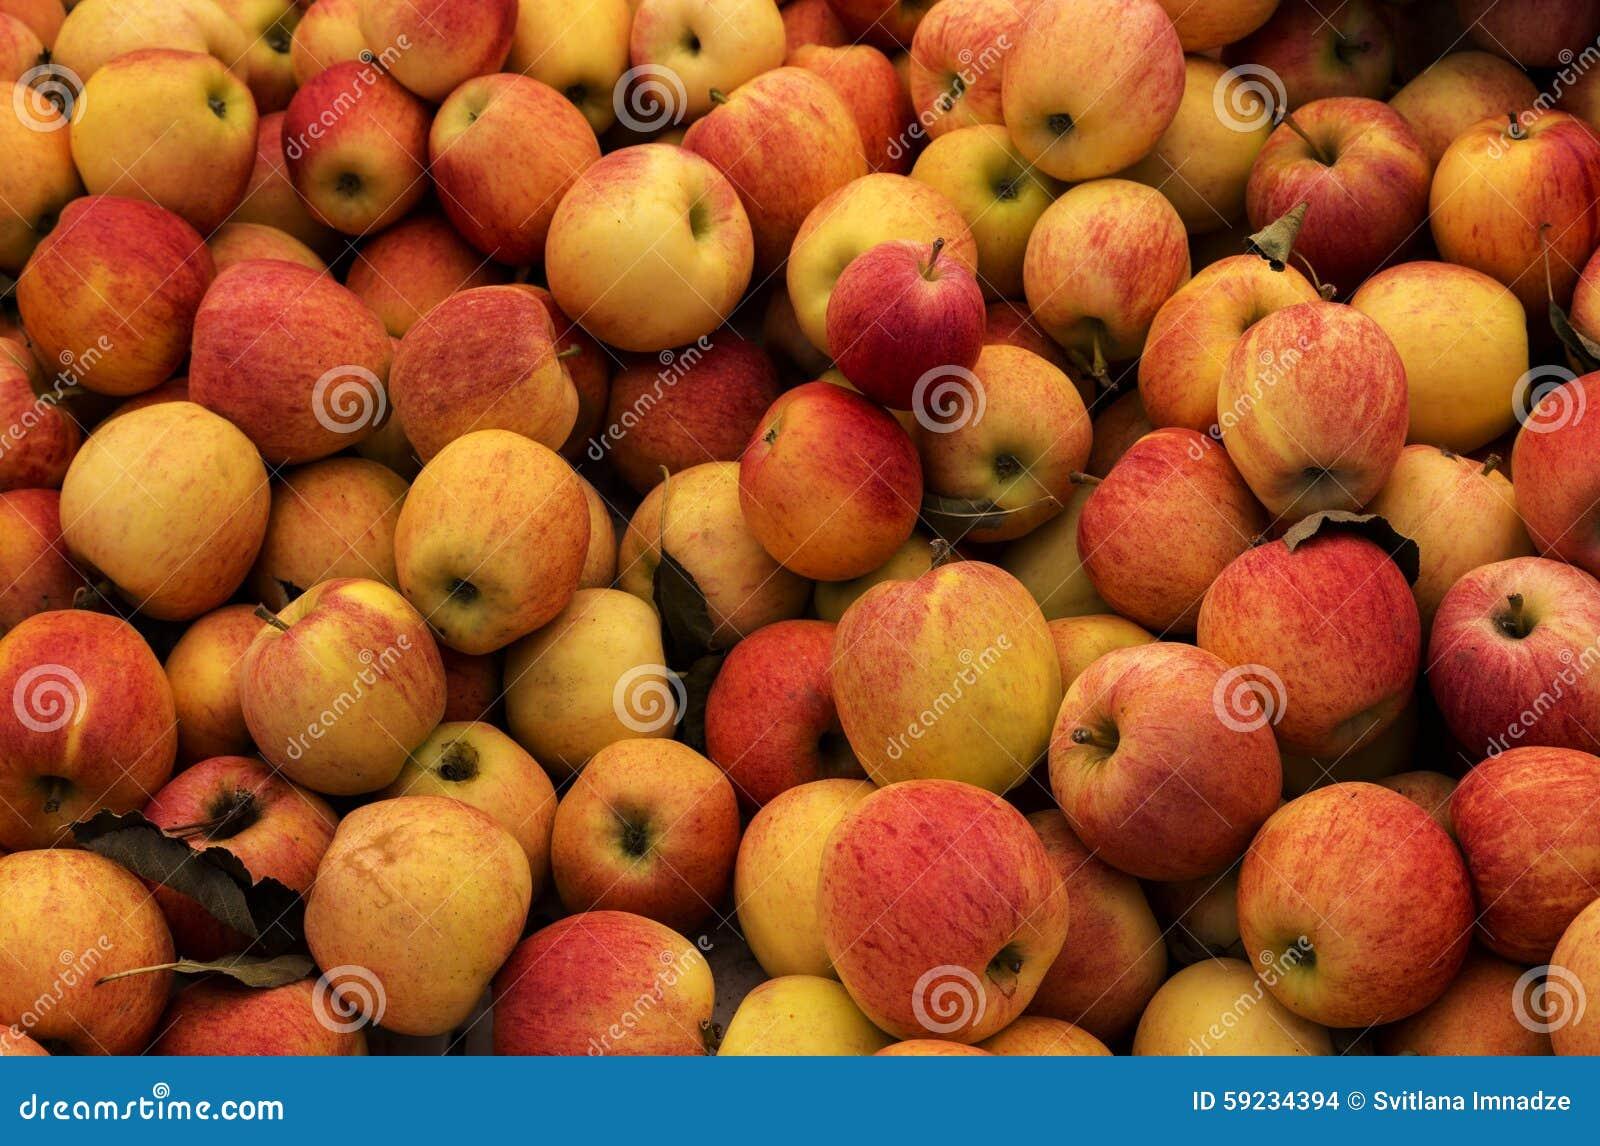 Download Manzanas foto de archivo. Imagen de eating, fruta, manzanas - 59234394